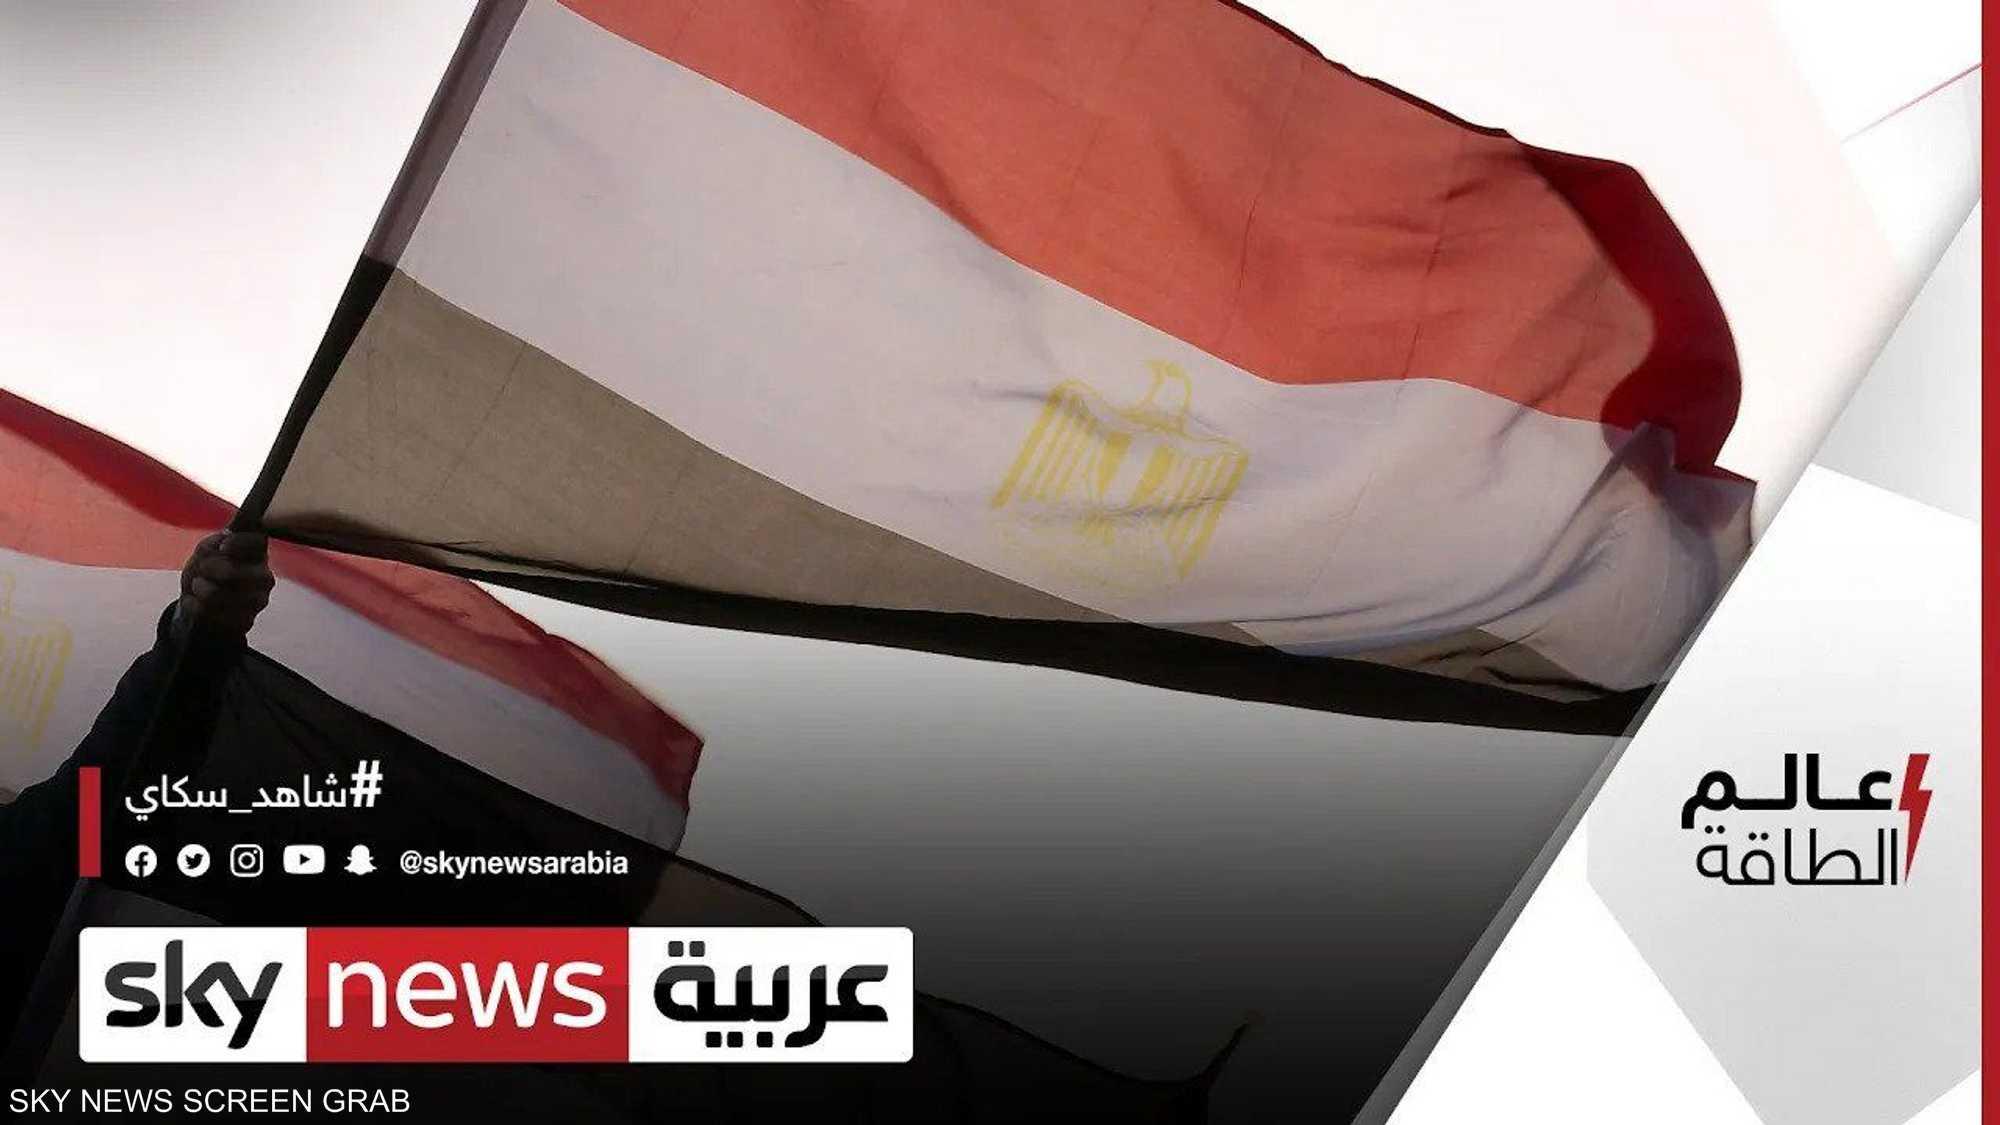 مصر تصدر أول سندات خضراء في الشرق الأوسط وشمال أفريقيا